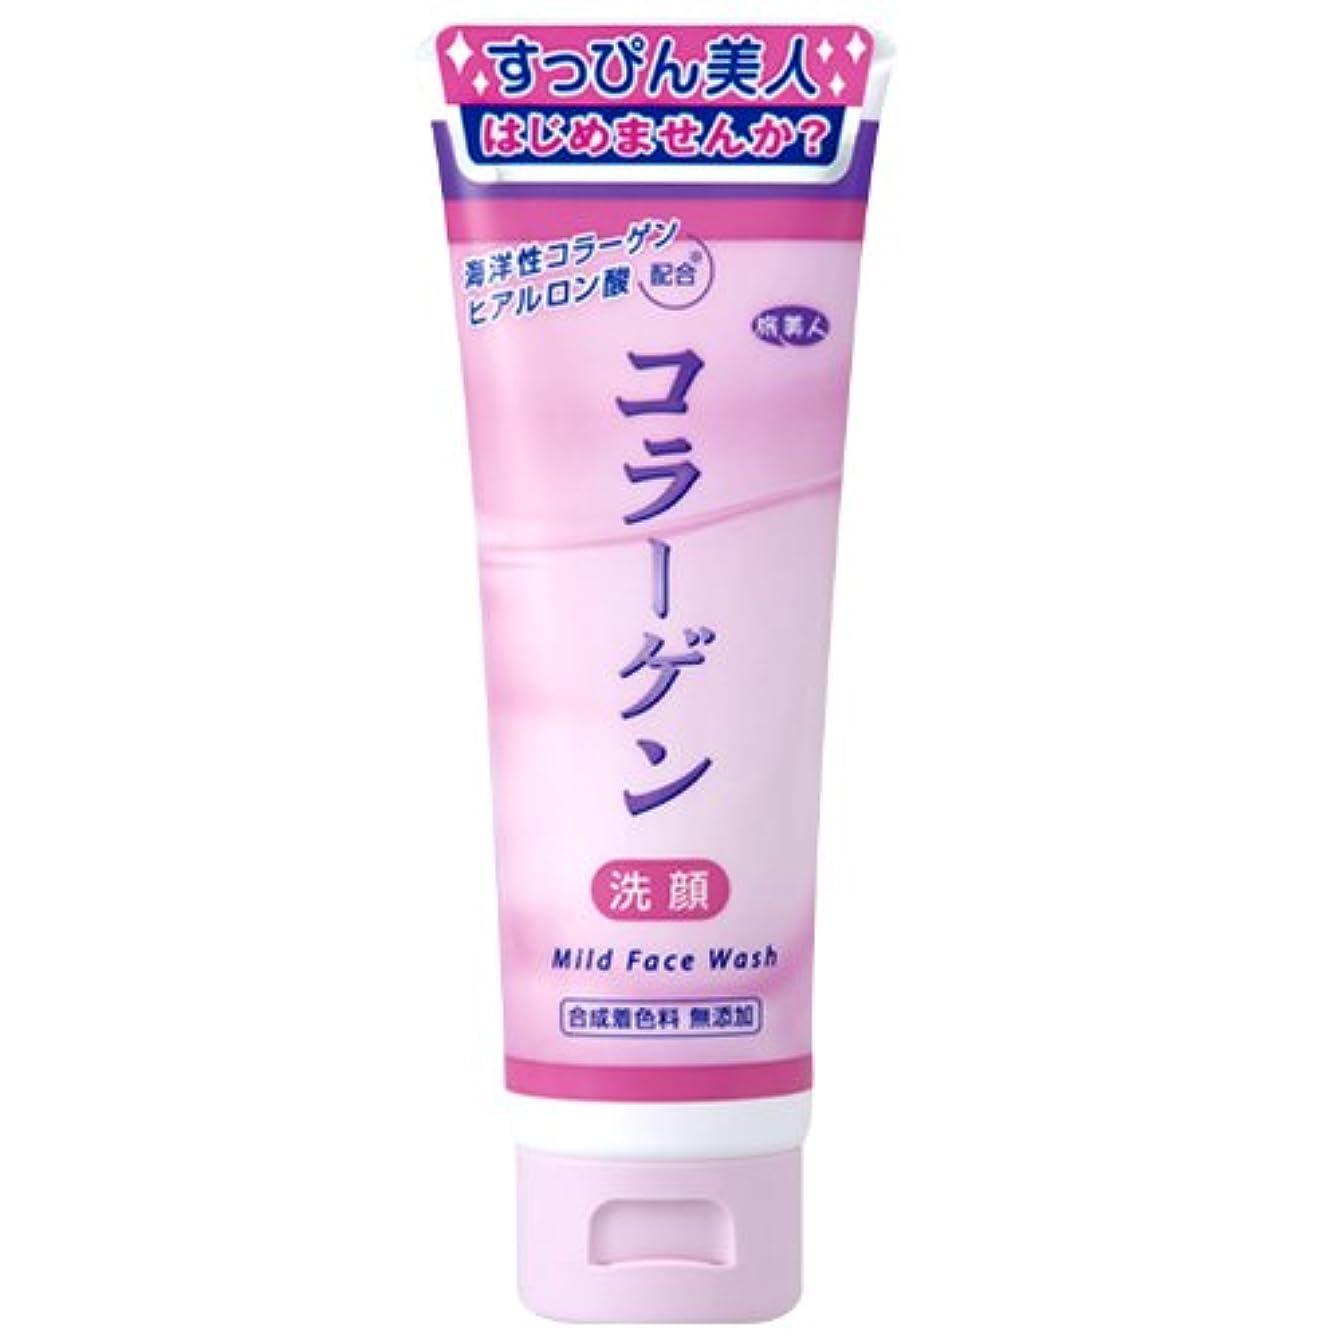 コラーゲン洗顔フォーム/アズマ商事?旅美人